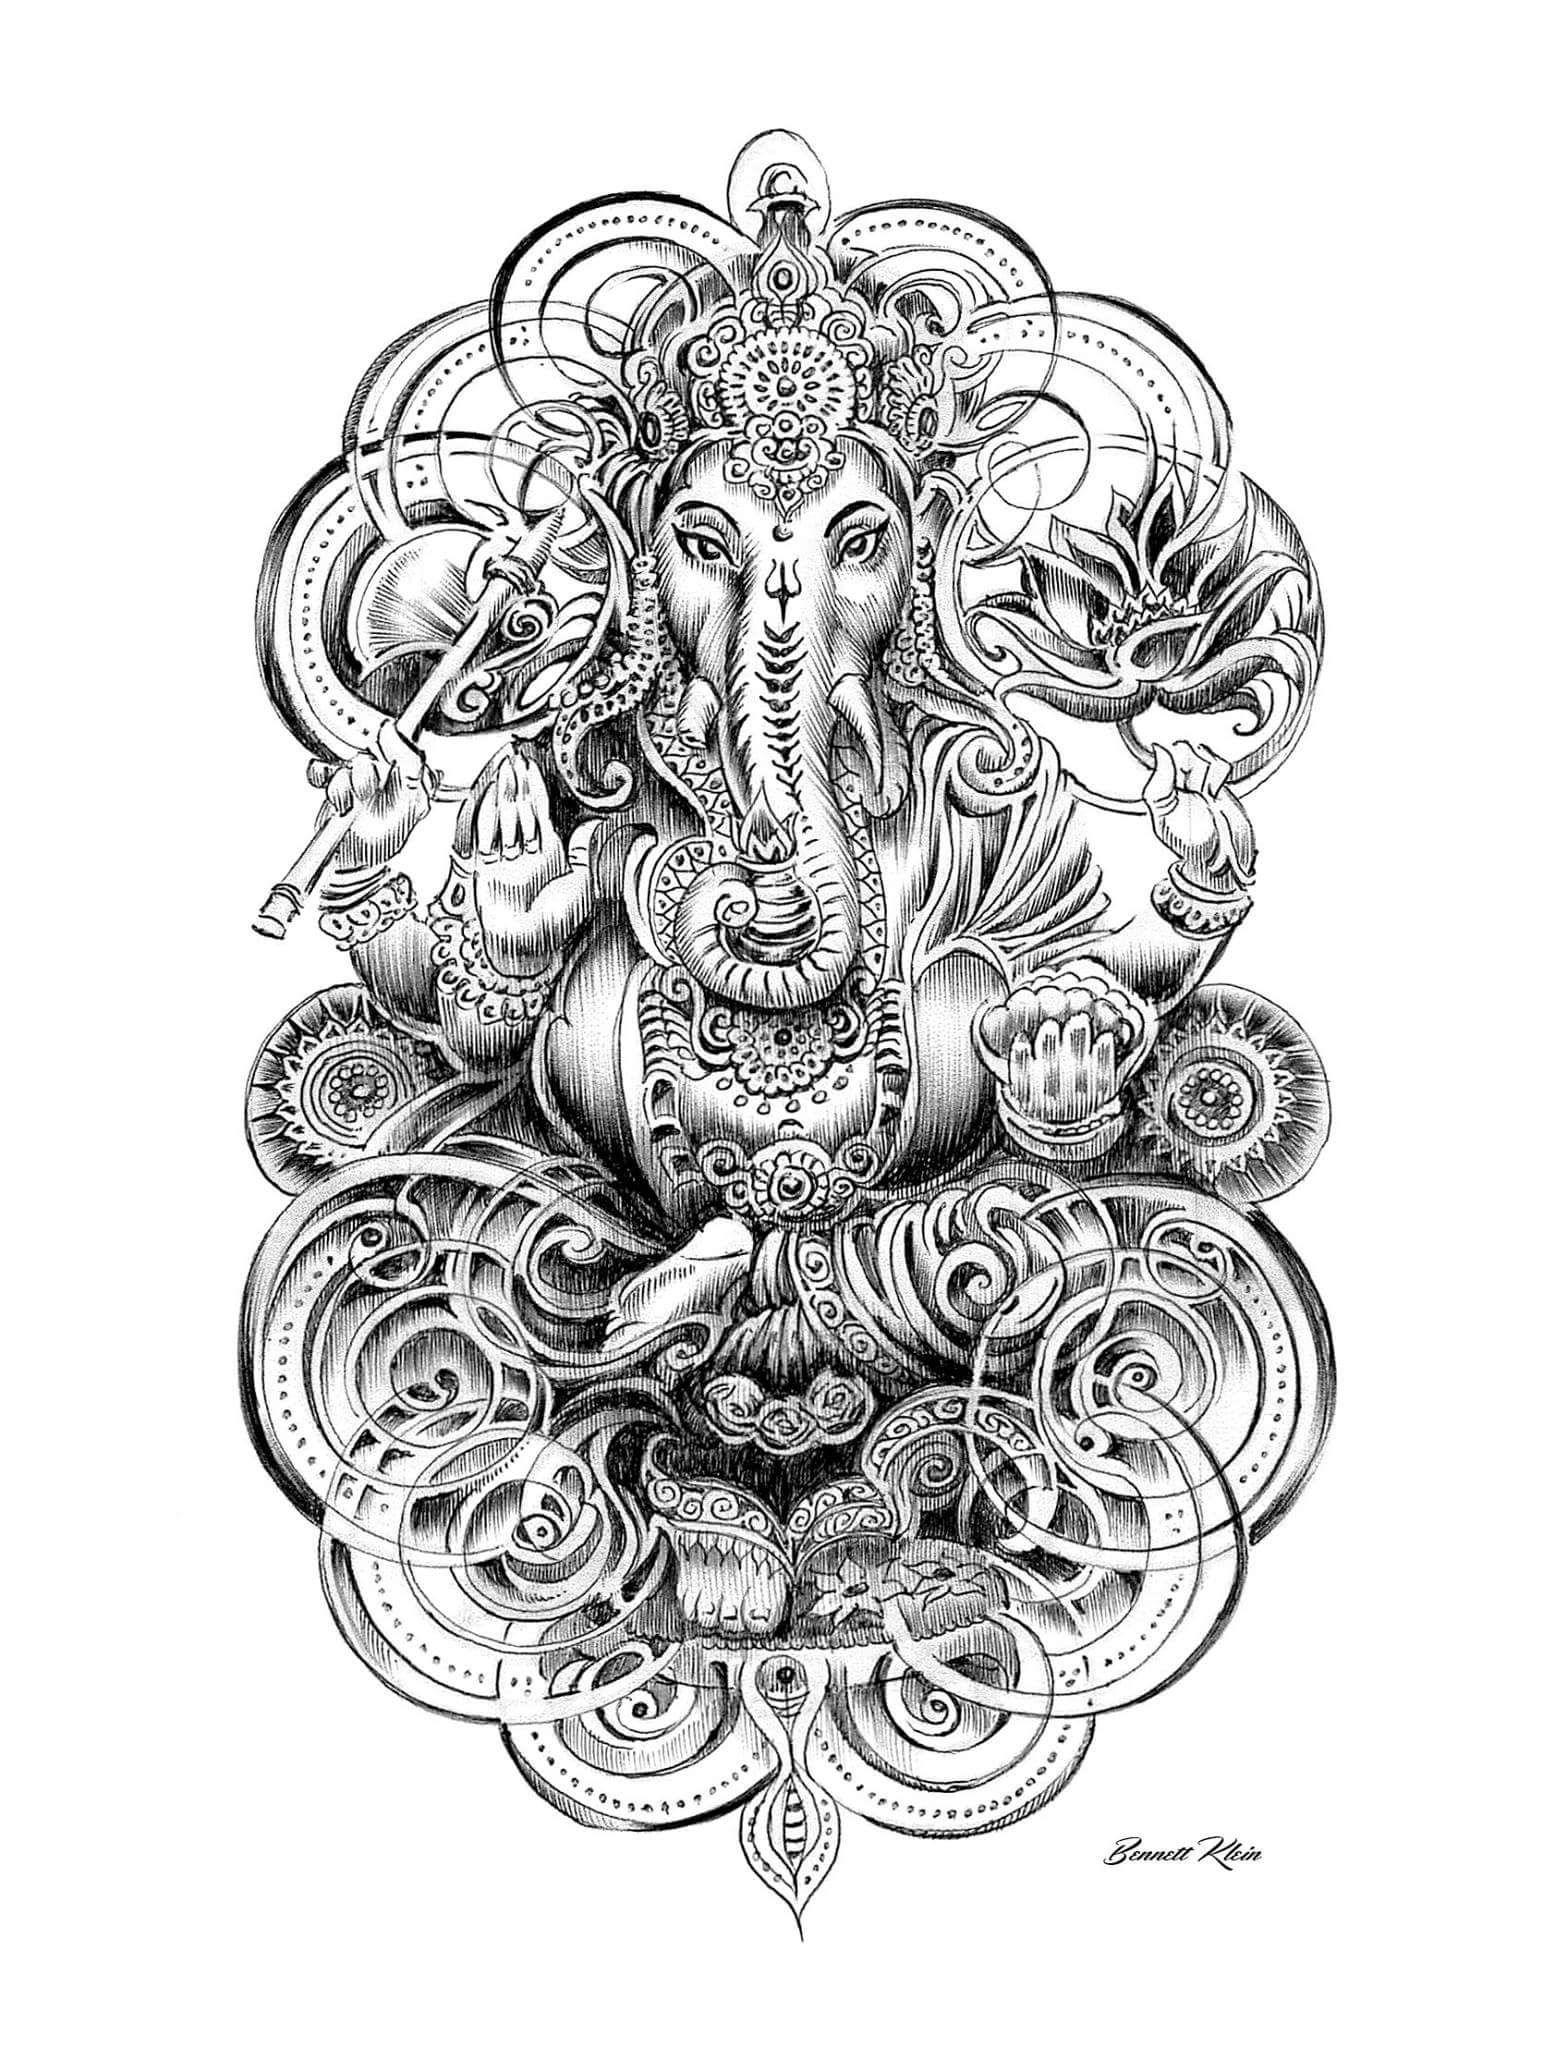 11 ganesha tattoo designs ideas and samples - Tattoo Designs Bennett Klein